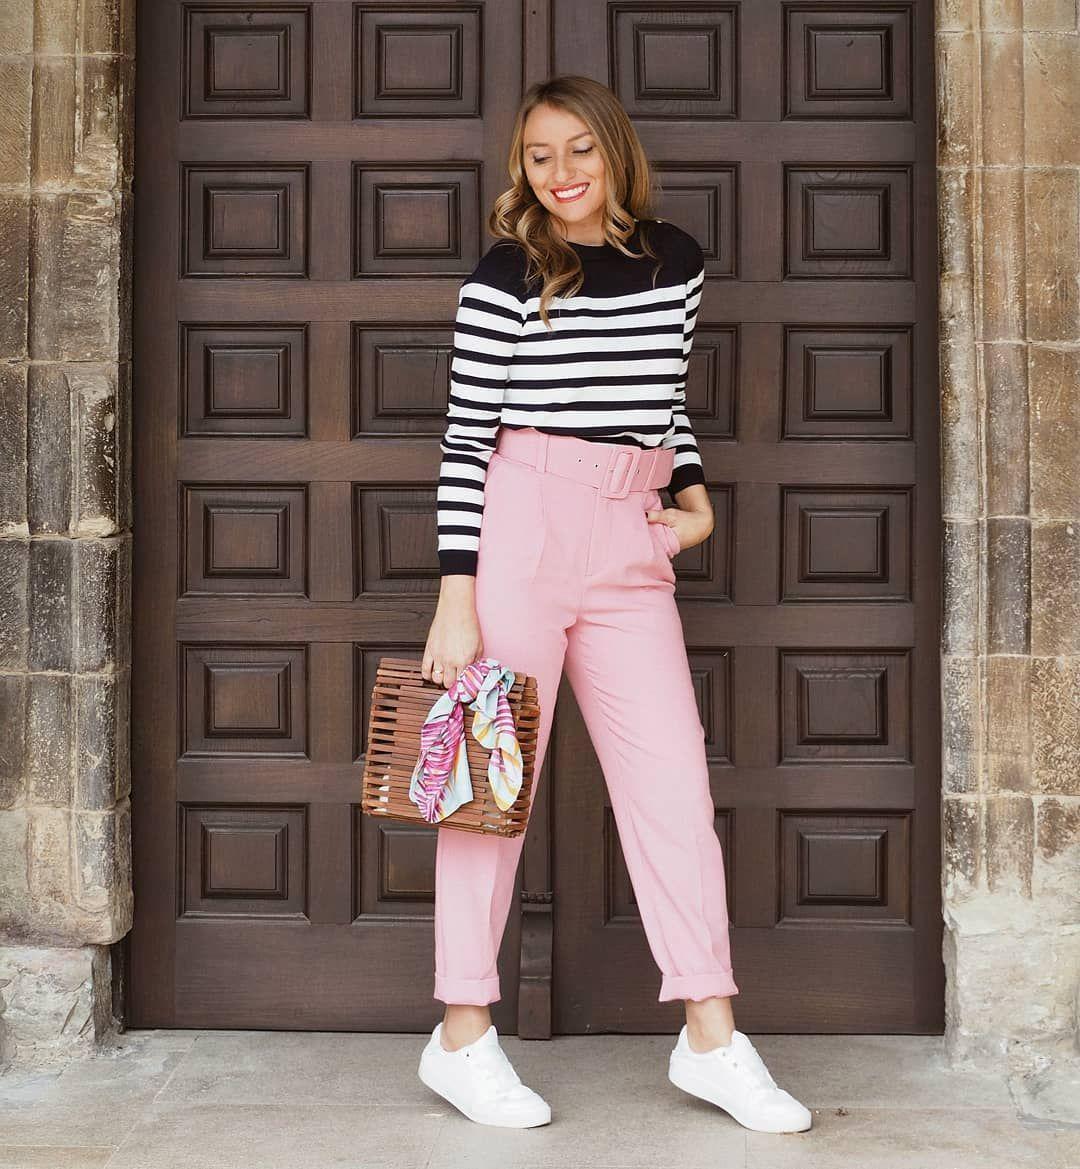 Estos Son Los Pantalones De Zara Que Estan Arrasando En Instagram Ellespain 2020 Zara Verano Instagram